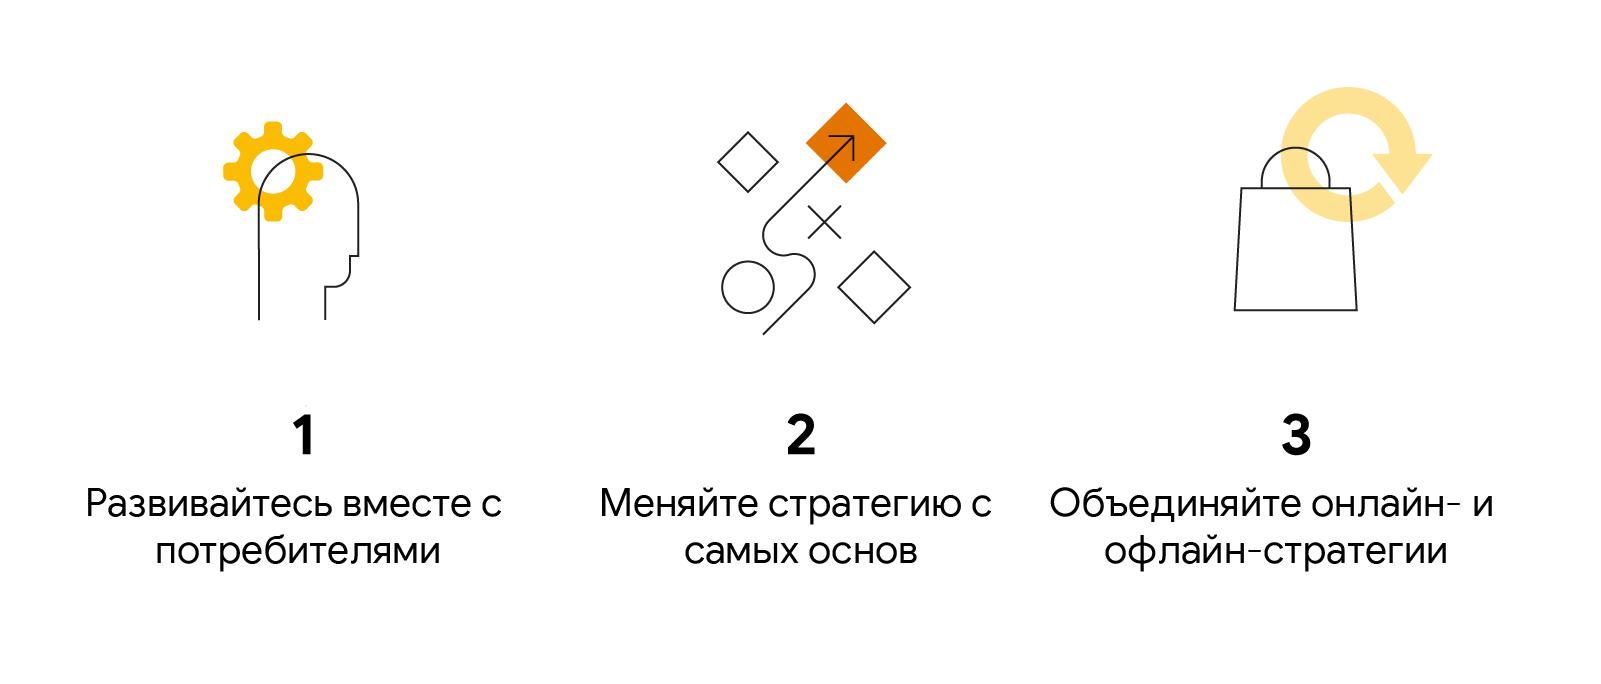 Три небольших иллюстрации со следующим текстом: 1. Развивайтесь вместе с потребителями. 2. Меняйте стратегию с самых основ. 3. Объединяйте онлайн- и офлайн-стратегии.